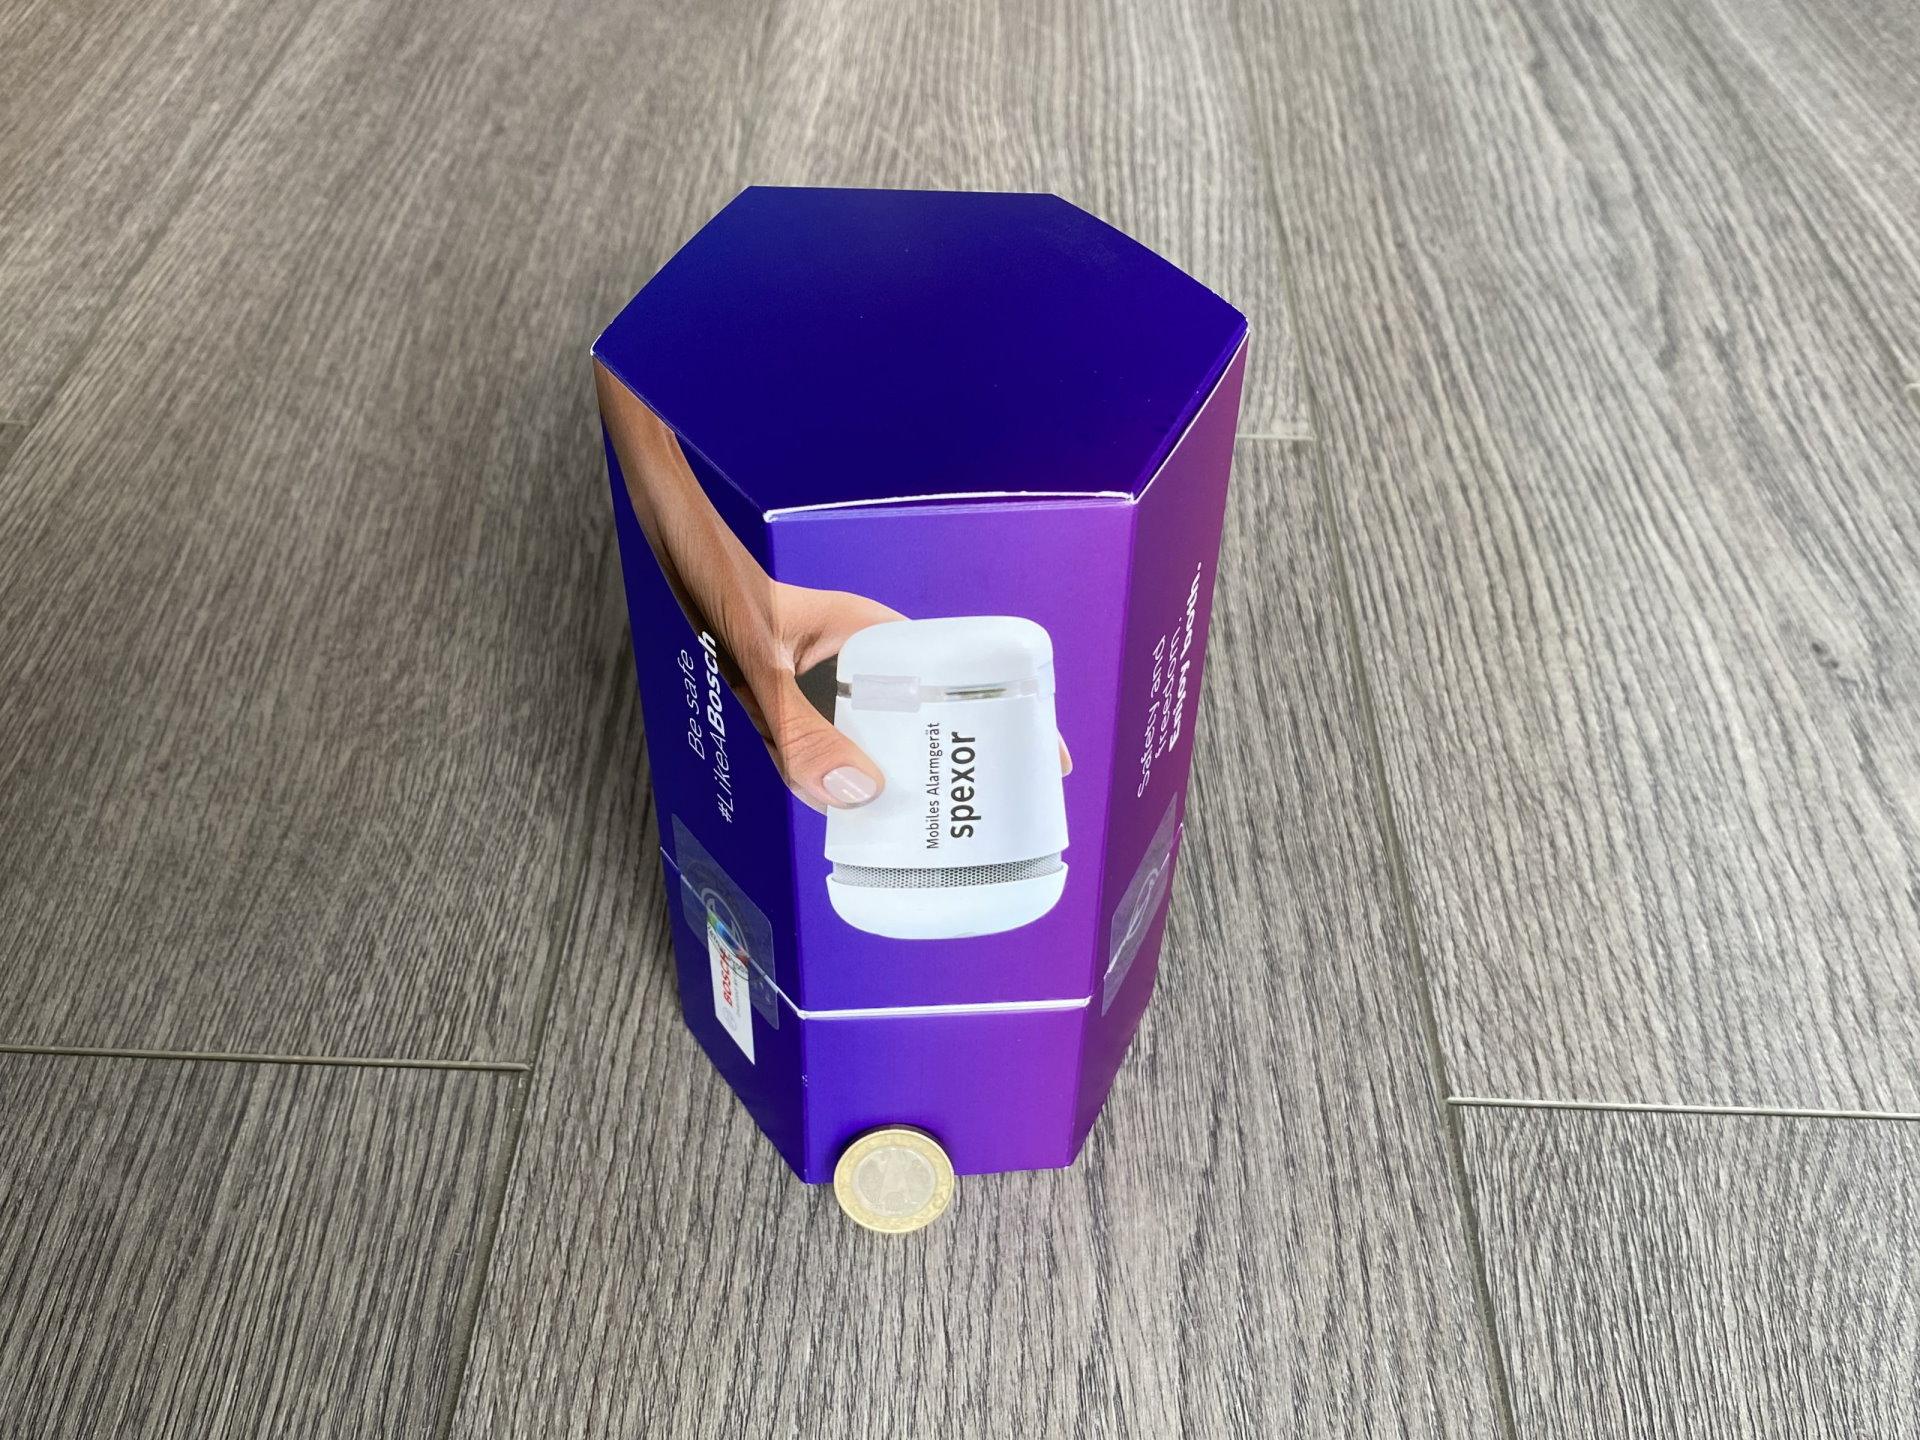 Verpackung des Bosch spexor Testgeräts